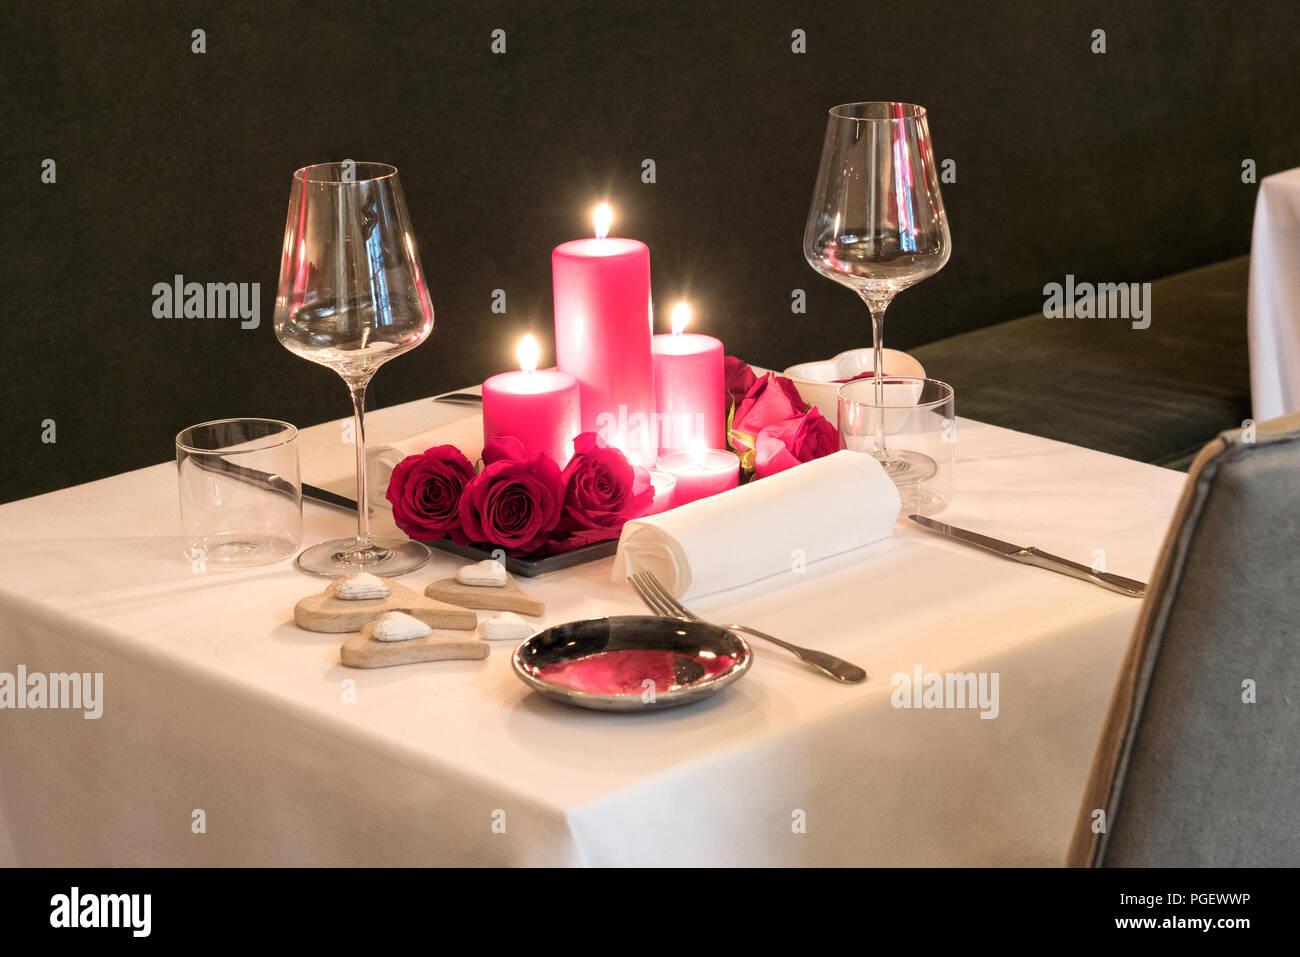 Hochwertig Romantisches Dinner Bei Kerzenlicht Gedeckten Tisch Für Zwei Mit Einem  Herzstück Der Brennende Rote Kerzen Und Frische Blumen Mit Passenden Roten  Geschirr ...